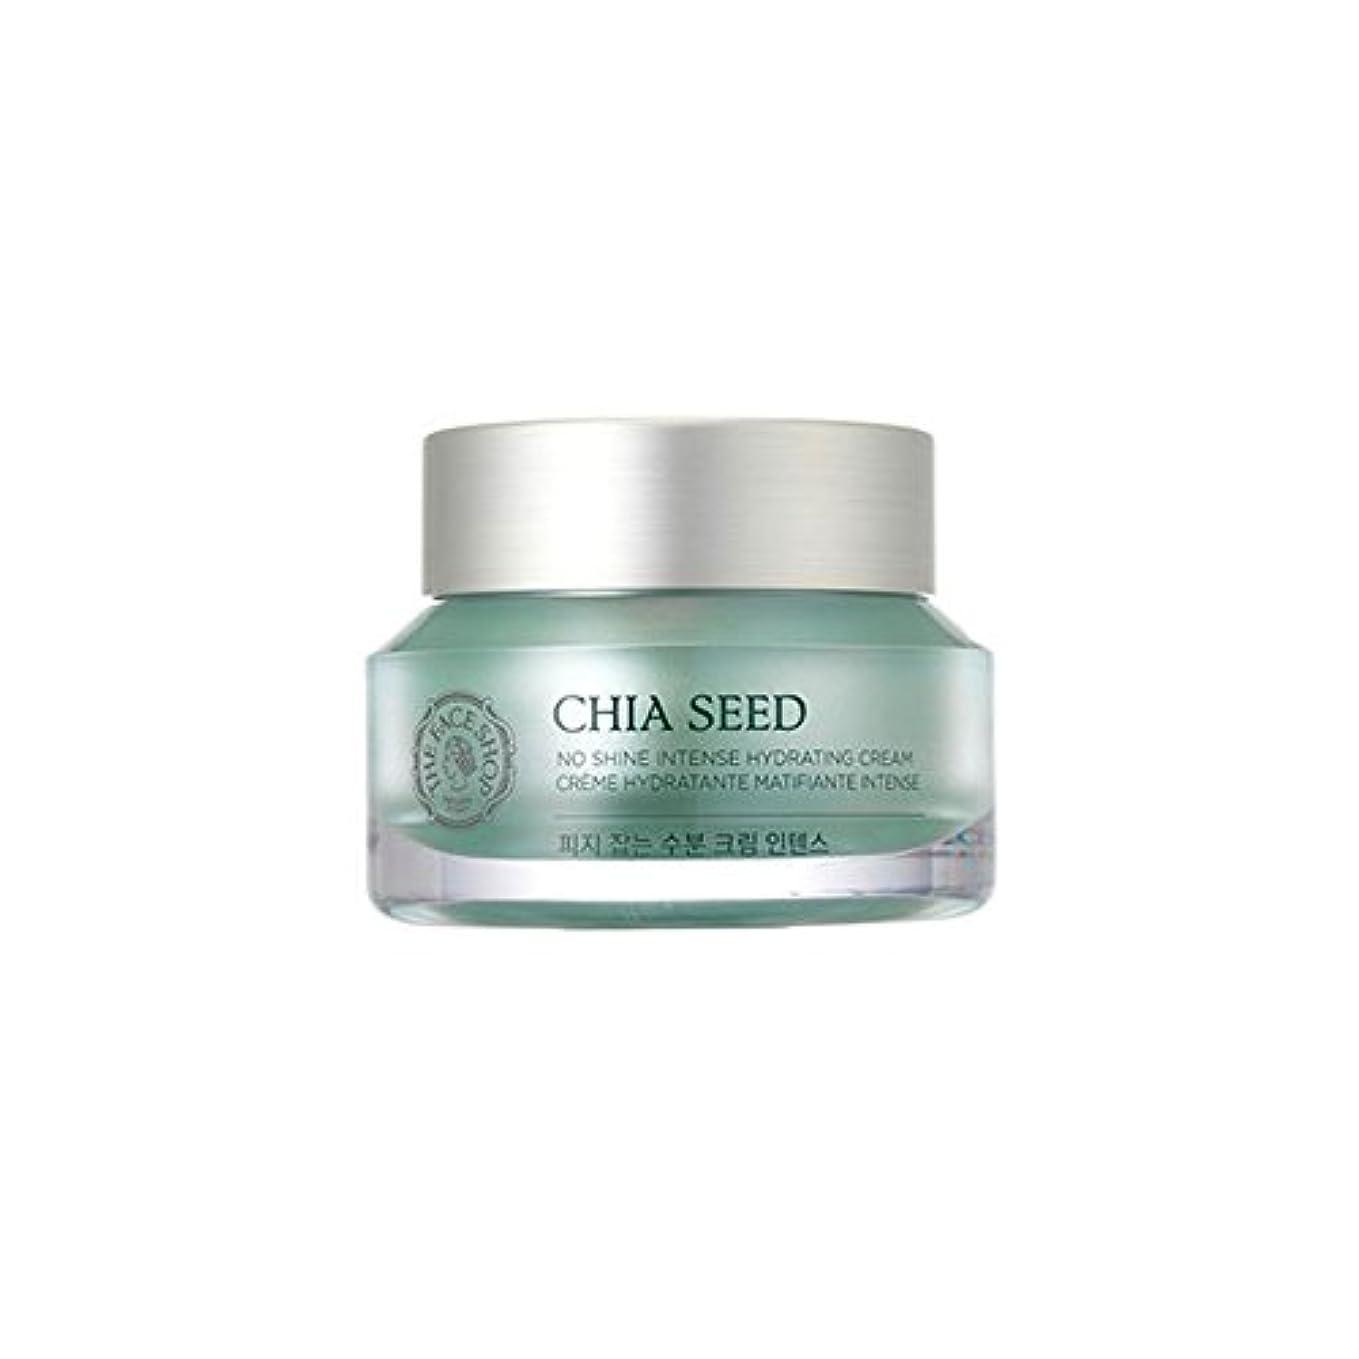 レンジ憎しみ若者[ザ·フェイスショップ]The Face Shop チアシードノーシャインインテンス水分クリーム(50ml) The Face Shop Chia Seed No Shine Intense Hydrating Cream...